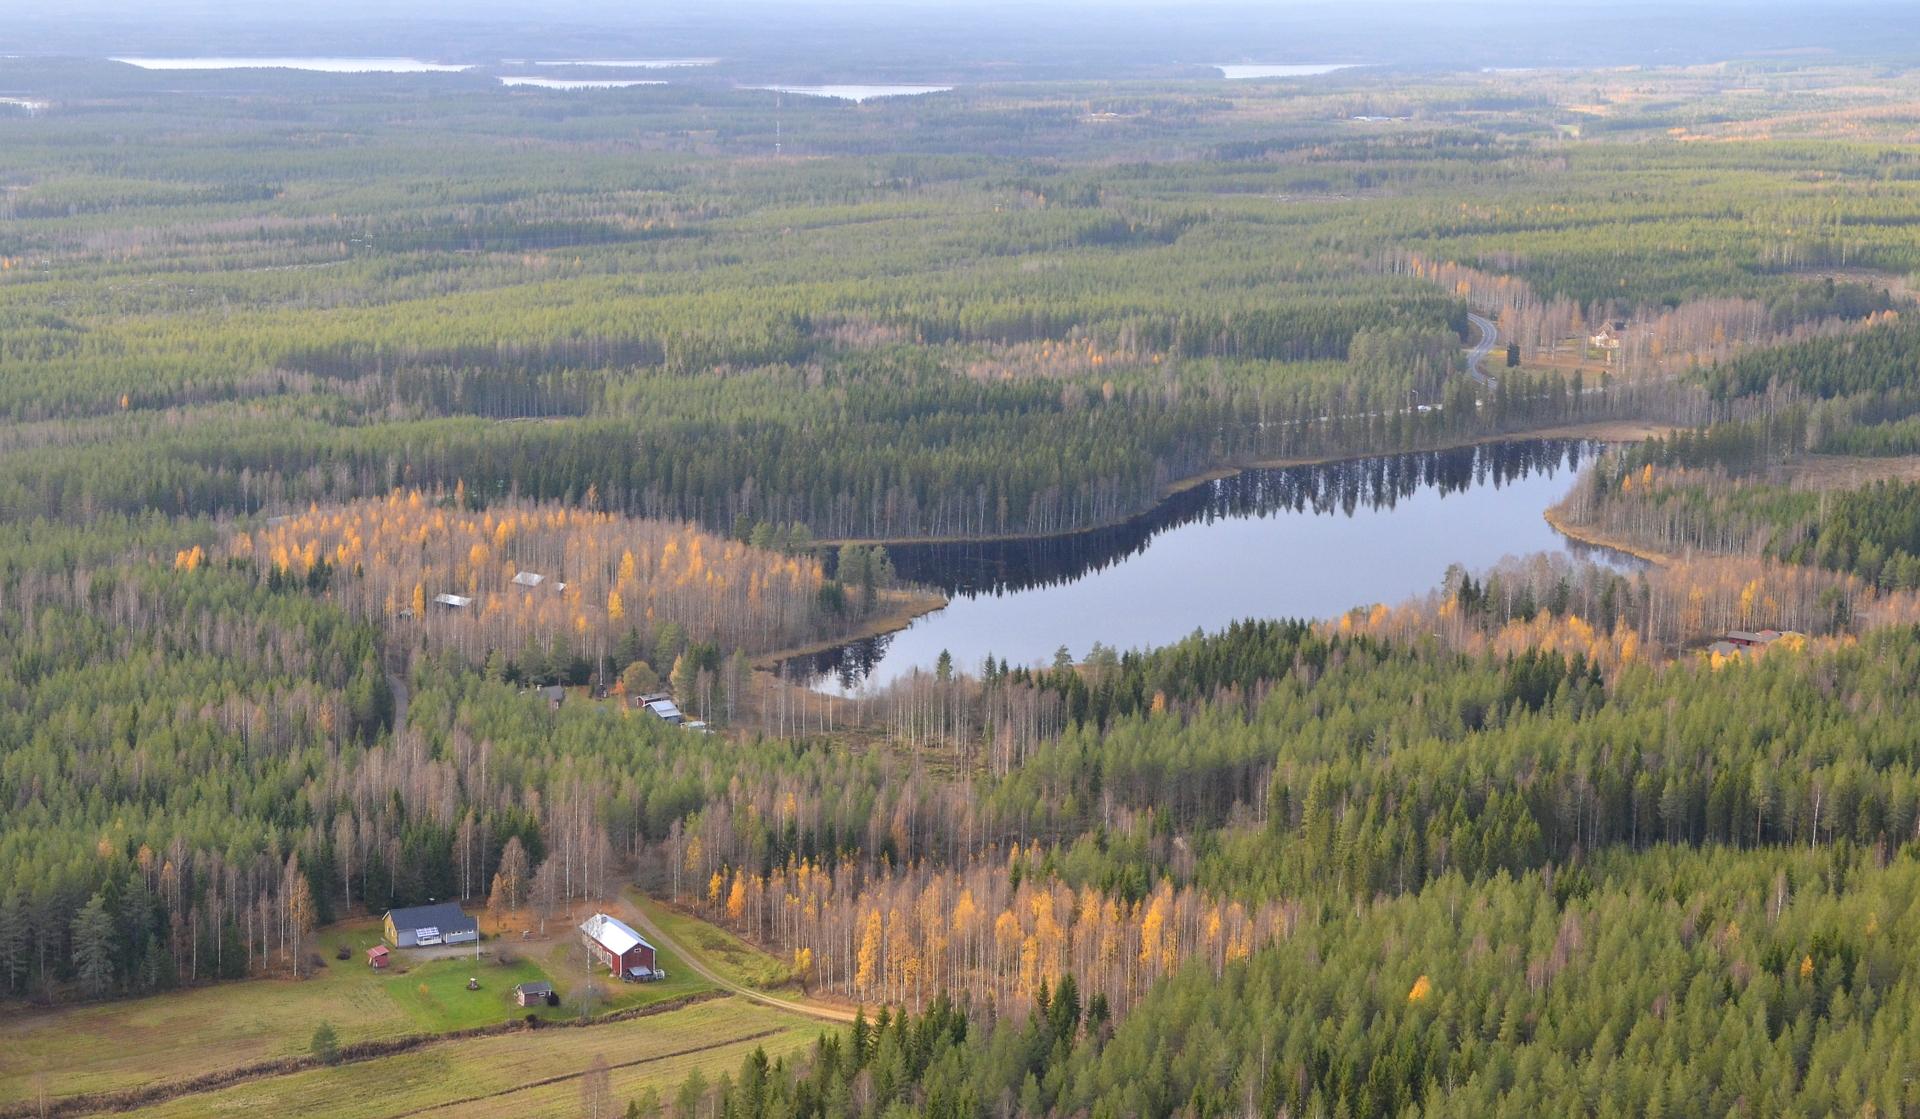 Viitajärven tienoota. Järven takana siintää Kartano Wiitatupa